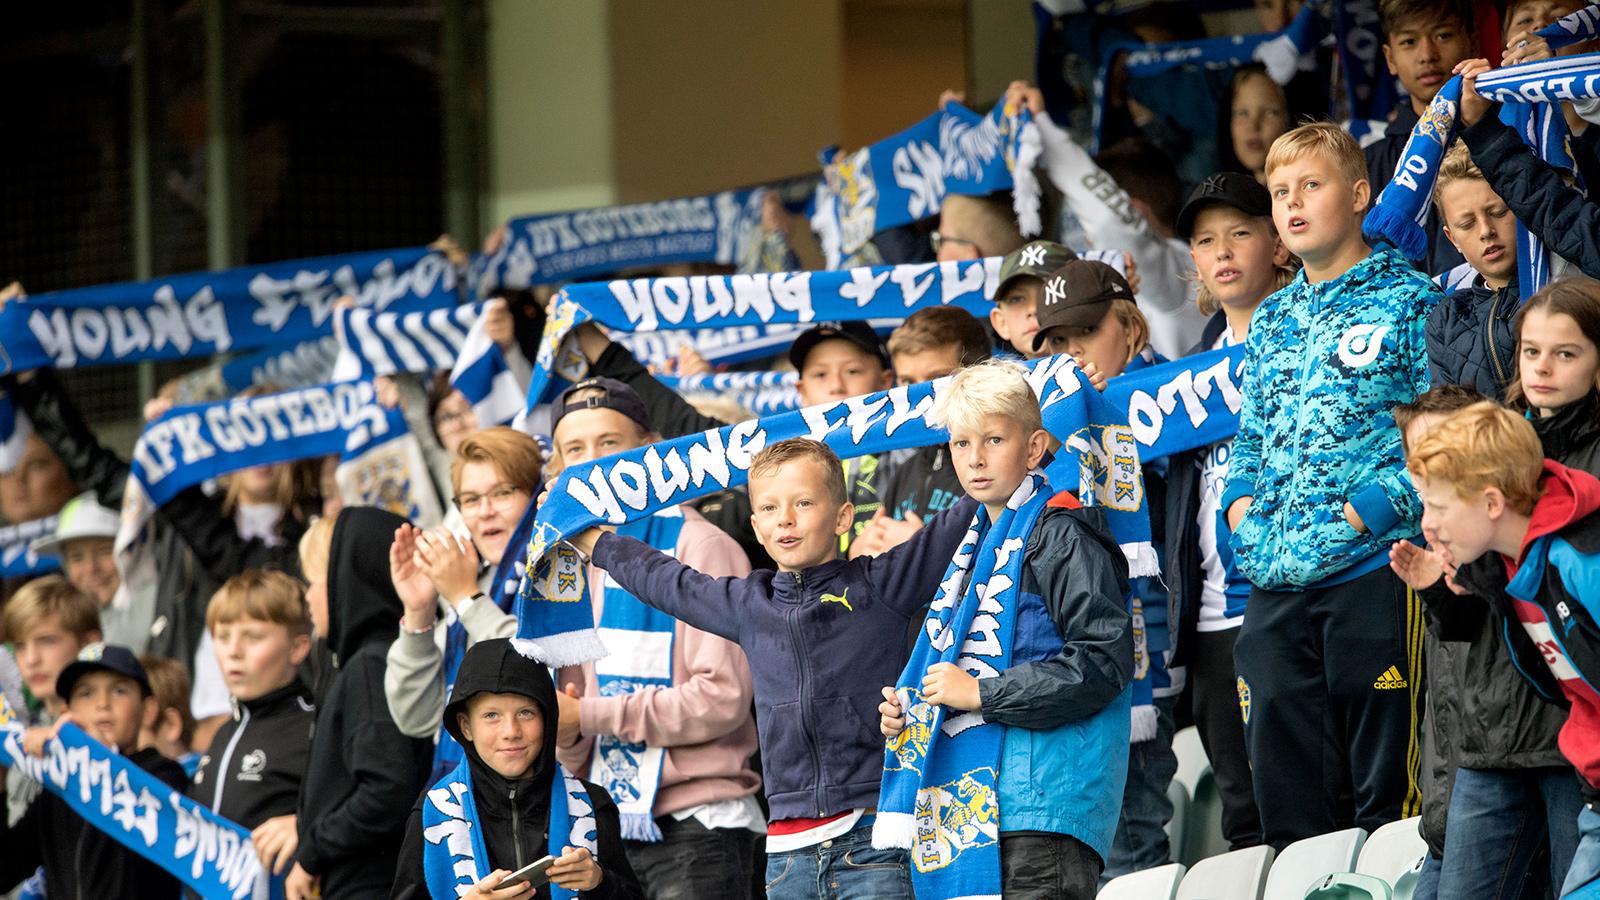 170916 IFK Göteborgs fans under fotbollsmatchen i Allsvenskan mellan IFK Göteborg och Jönköping den 16 september 2017 i Göteborg.